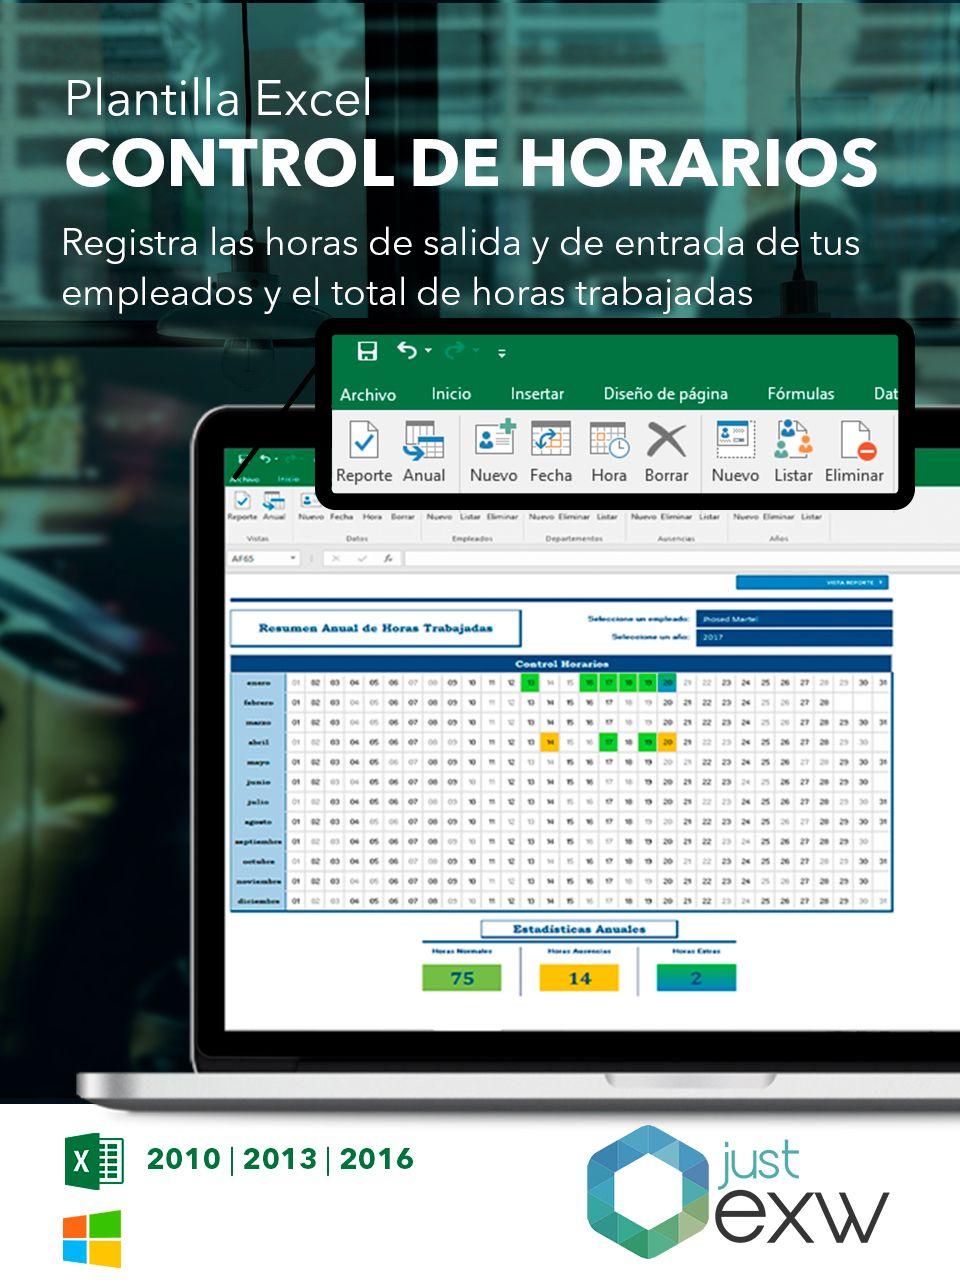 Plantilla Excel Control de Horarios y Horas Trabajadas